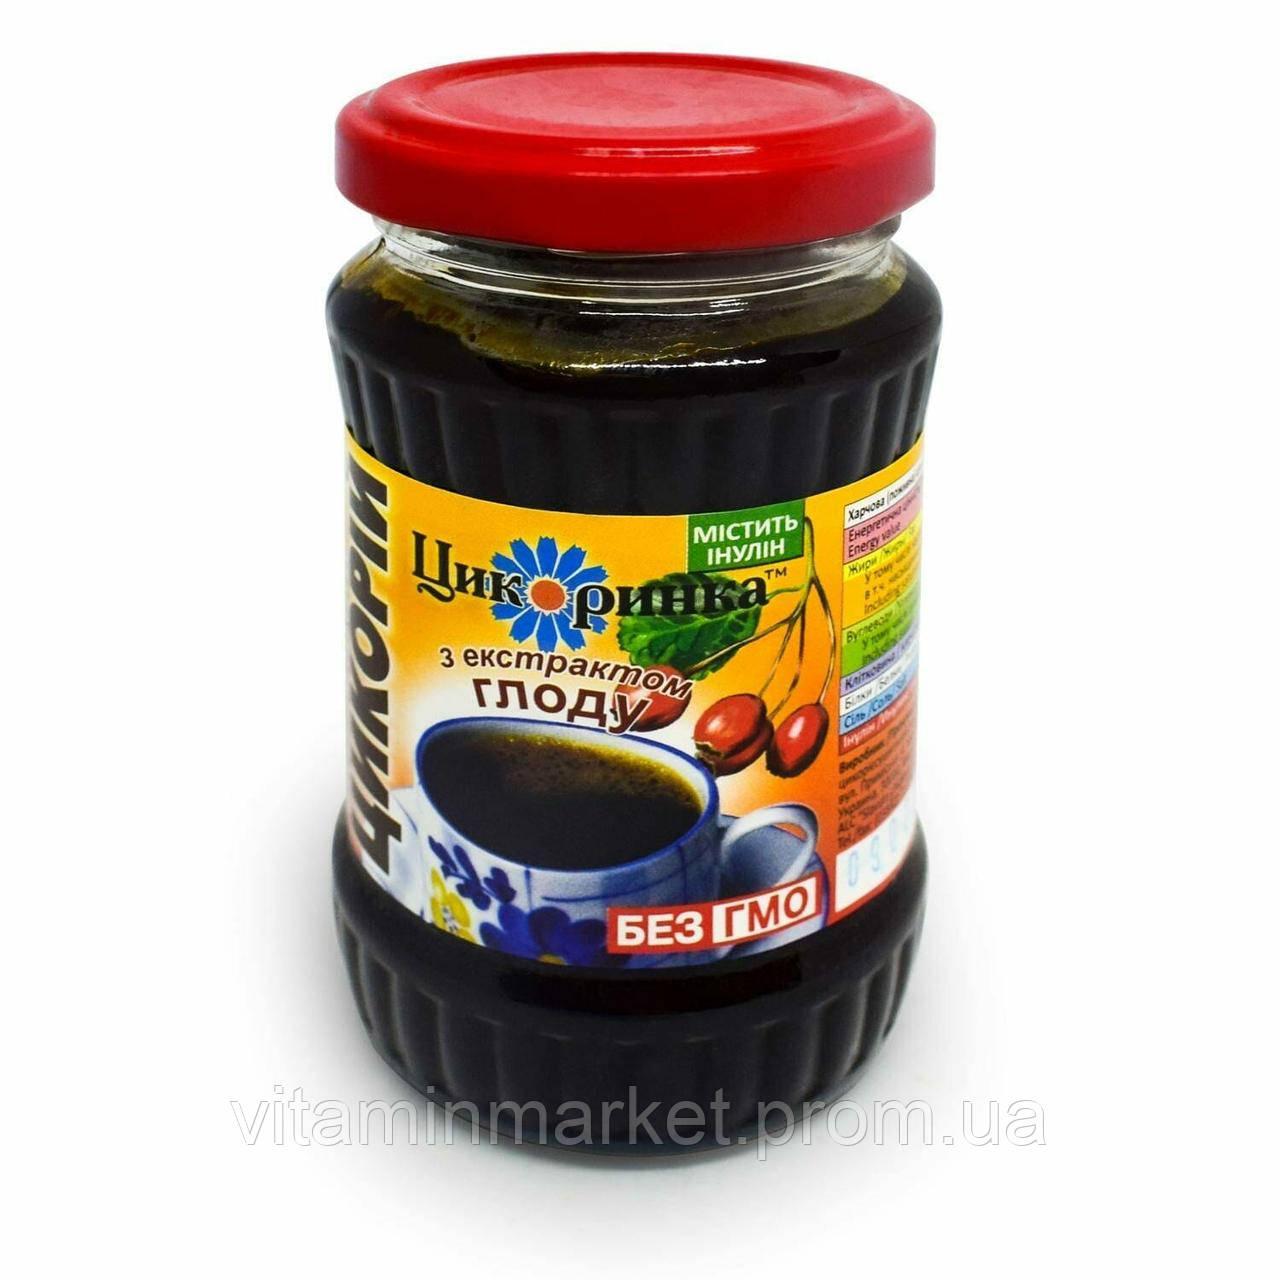 Цикорий растворимый, жидкий, с экстрактом боярышника, «Цикоринка», 200 гр.